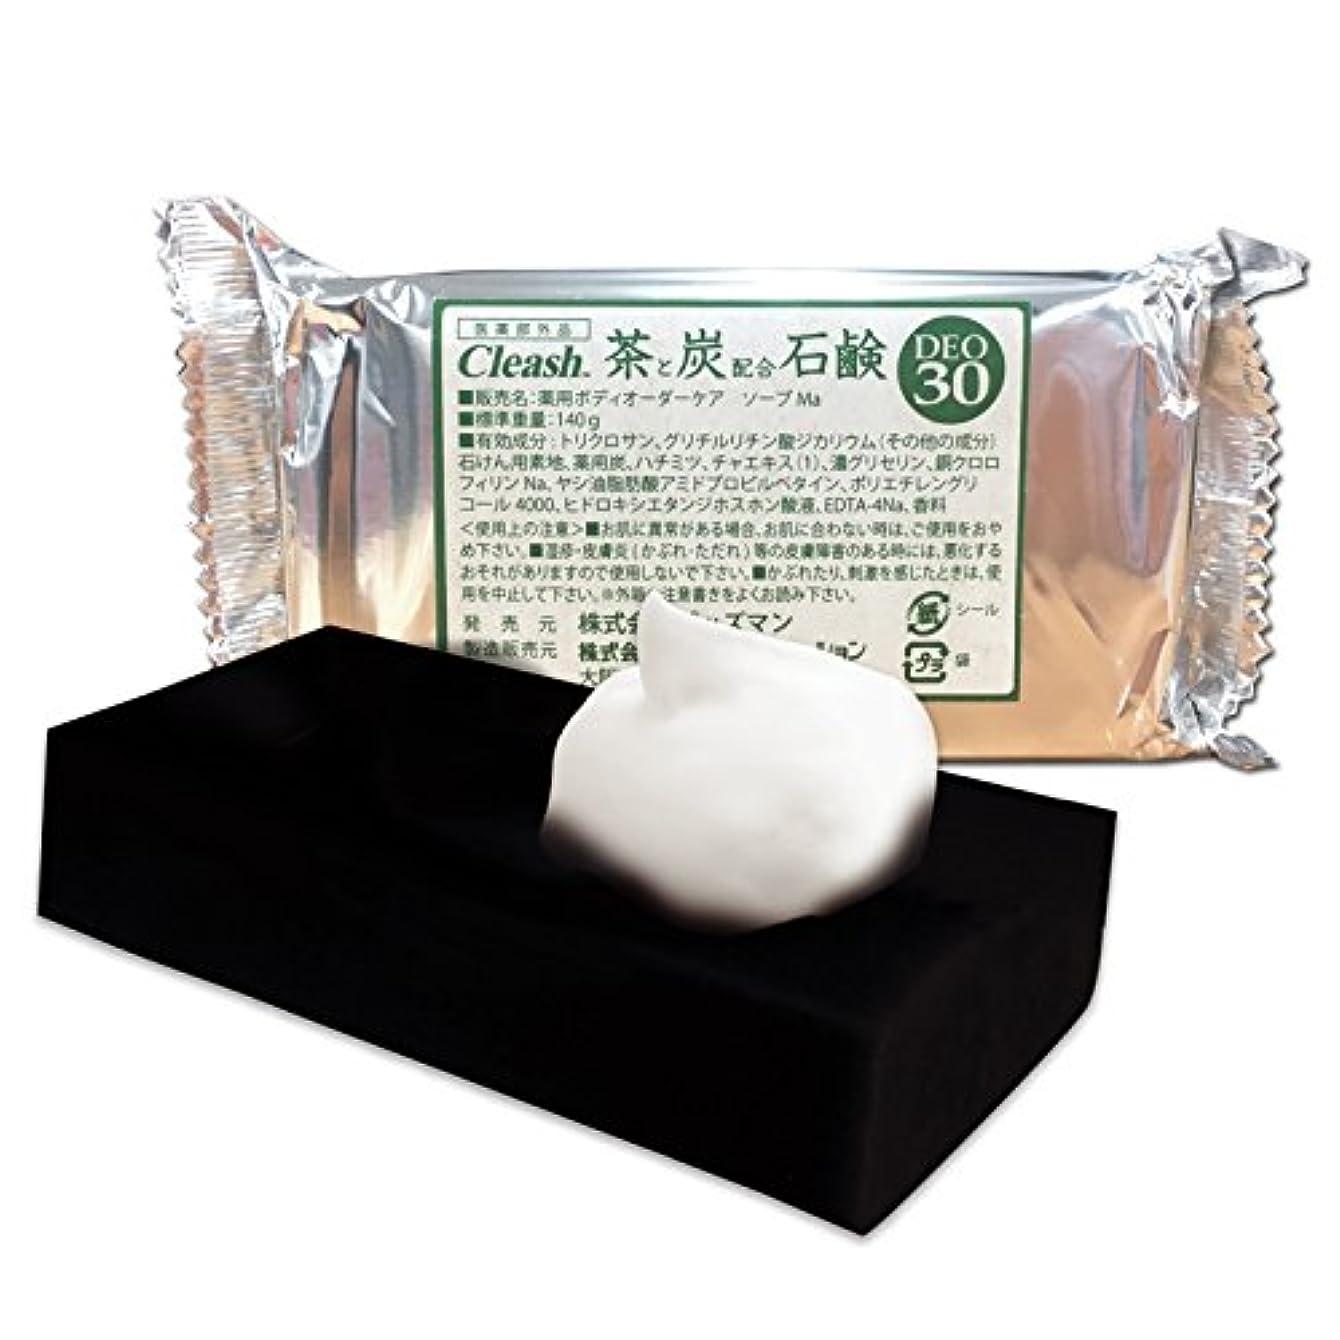 敏感な最終的に行くクリアッシュ 薬用 炭茶石鹸 (医薬部外品)